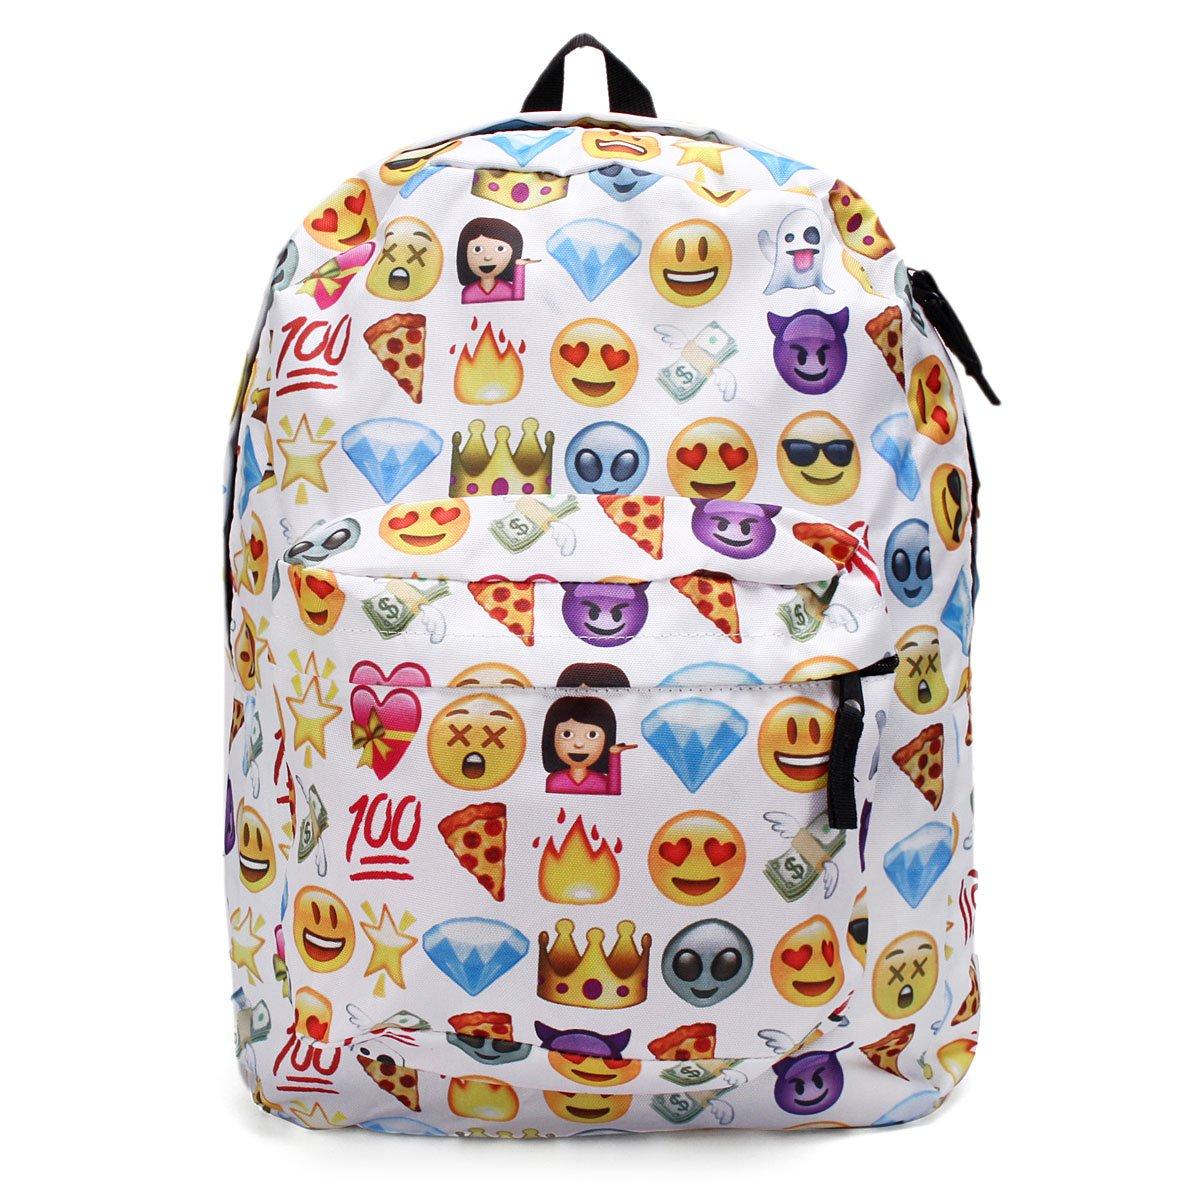 Jeteven Cute Backpack School Book Backpack Shoulder Bag Schoolbag for Girls Boys